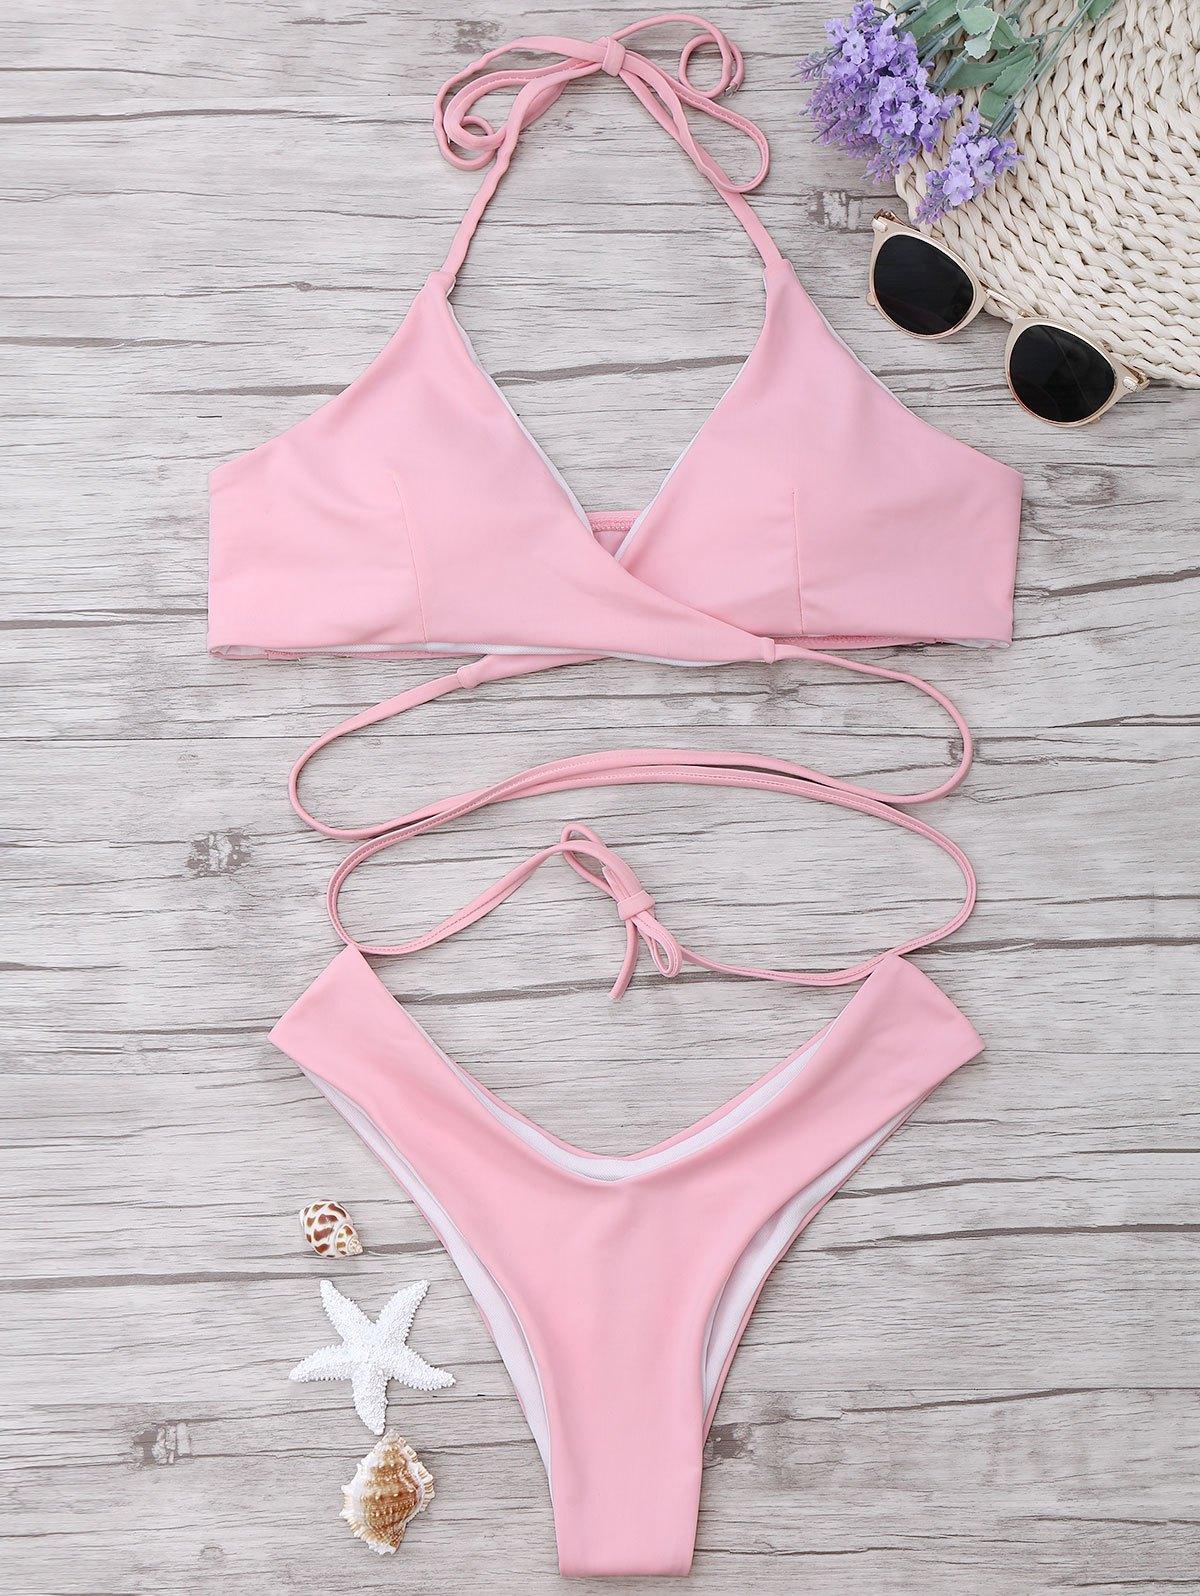 bikini-light-pink-swimsuit-young-beautiful-naked-girls-footjob